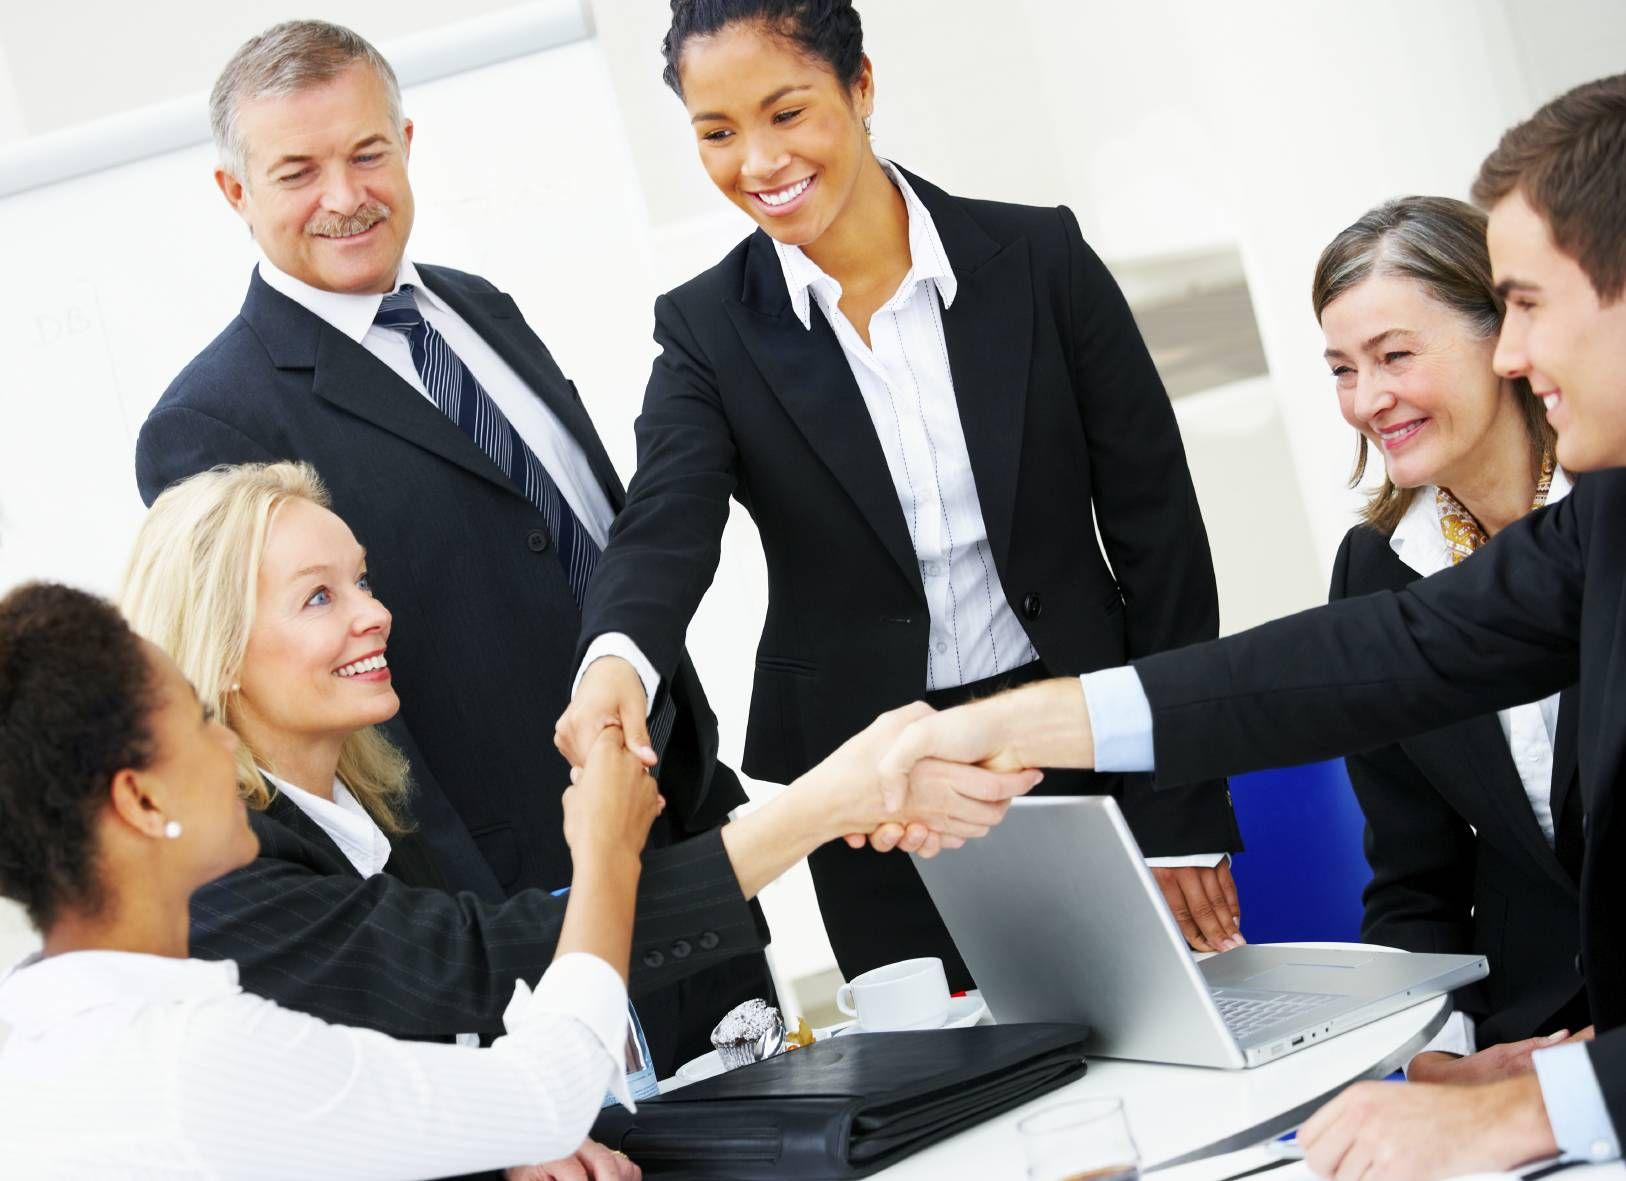 Góc tuyển dụng: Làm thế nào để các công ty nhỏ giữ chân nhân tài